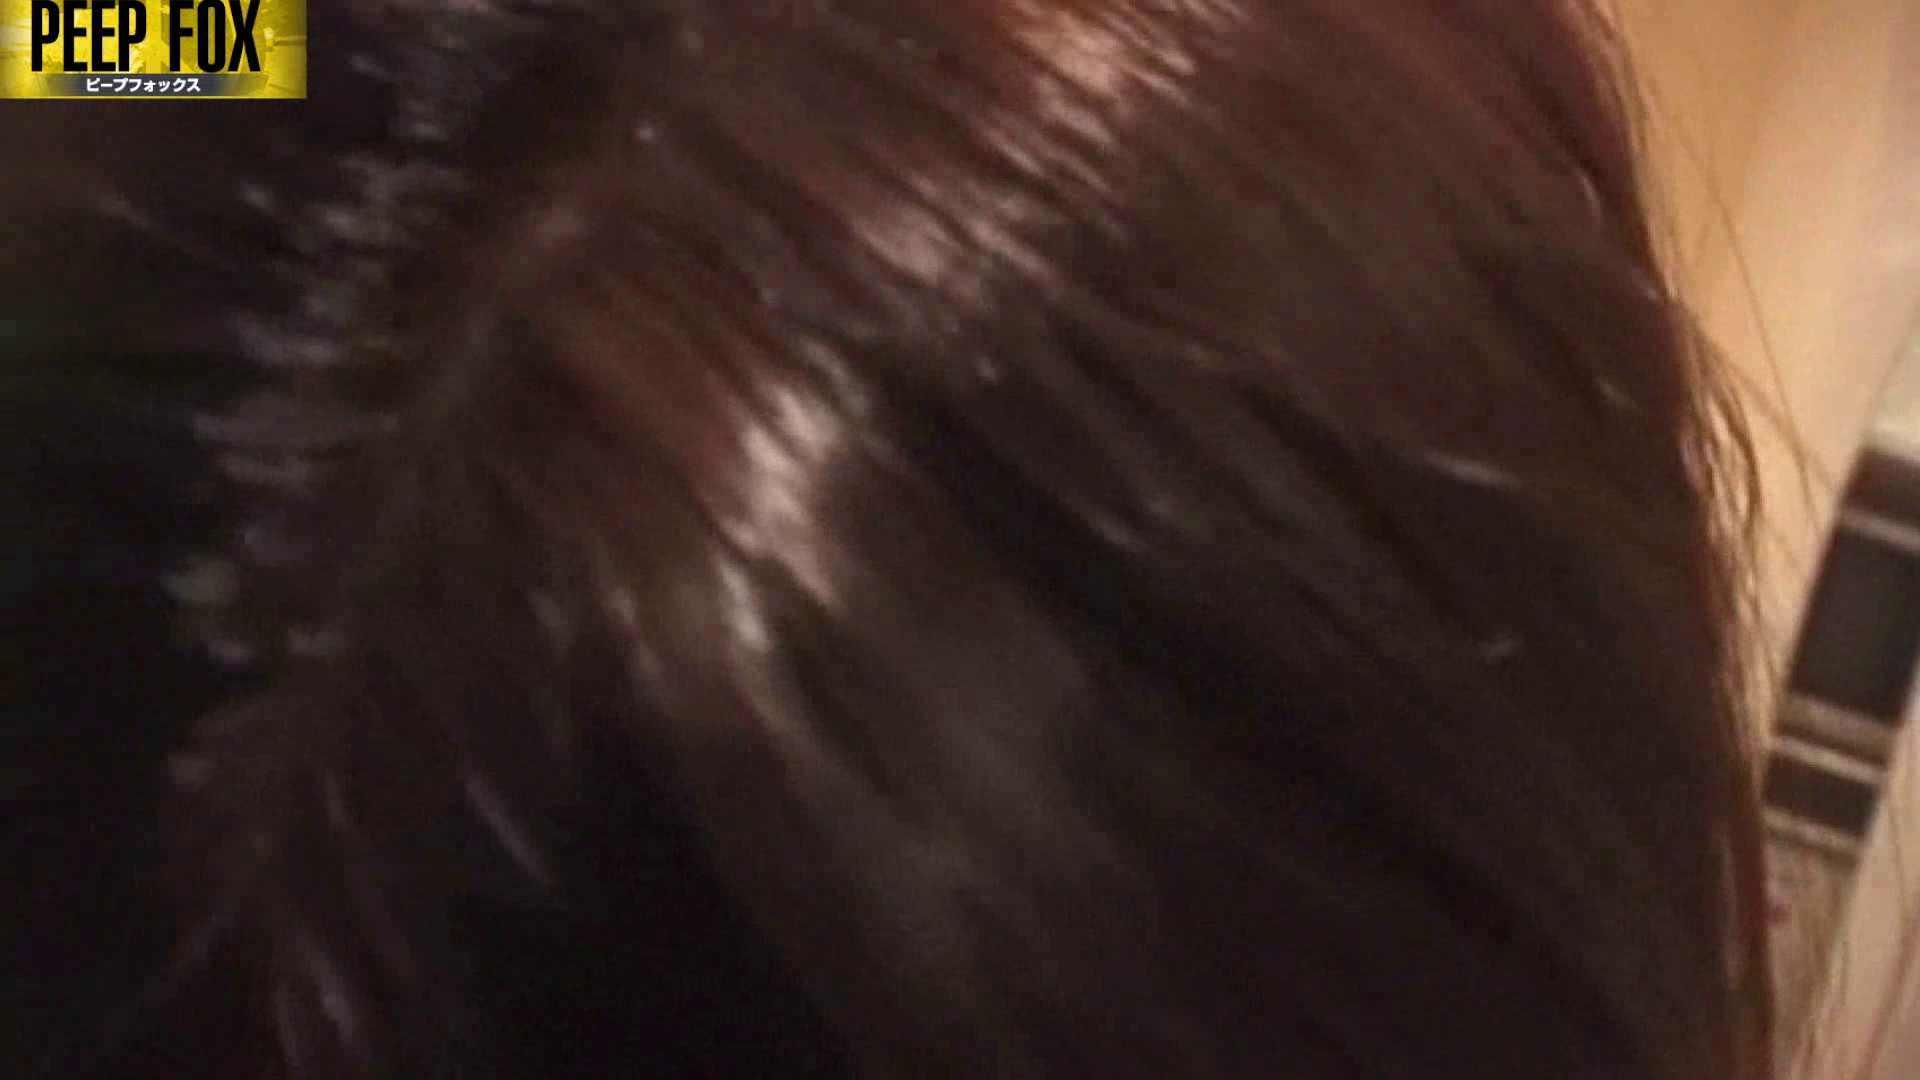 完全素人!!訳アリ娘のラブライフ♪vol.19前編 素人丸裸 オメコ動画キャプチャ 100pic 15